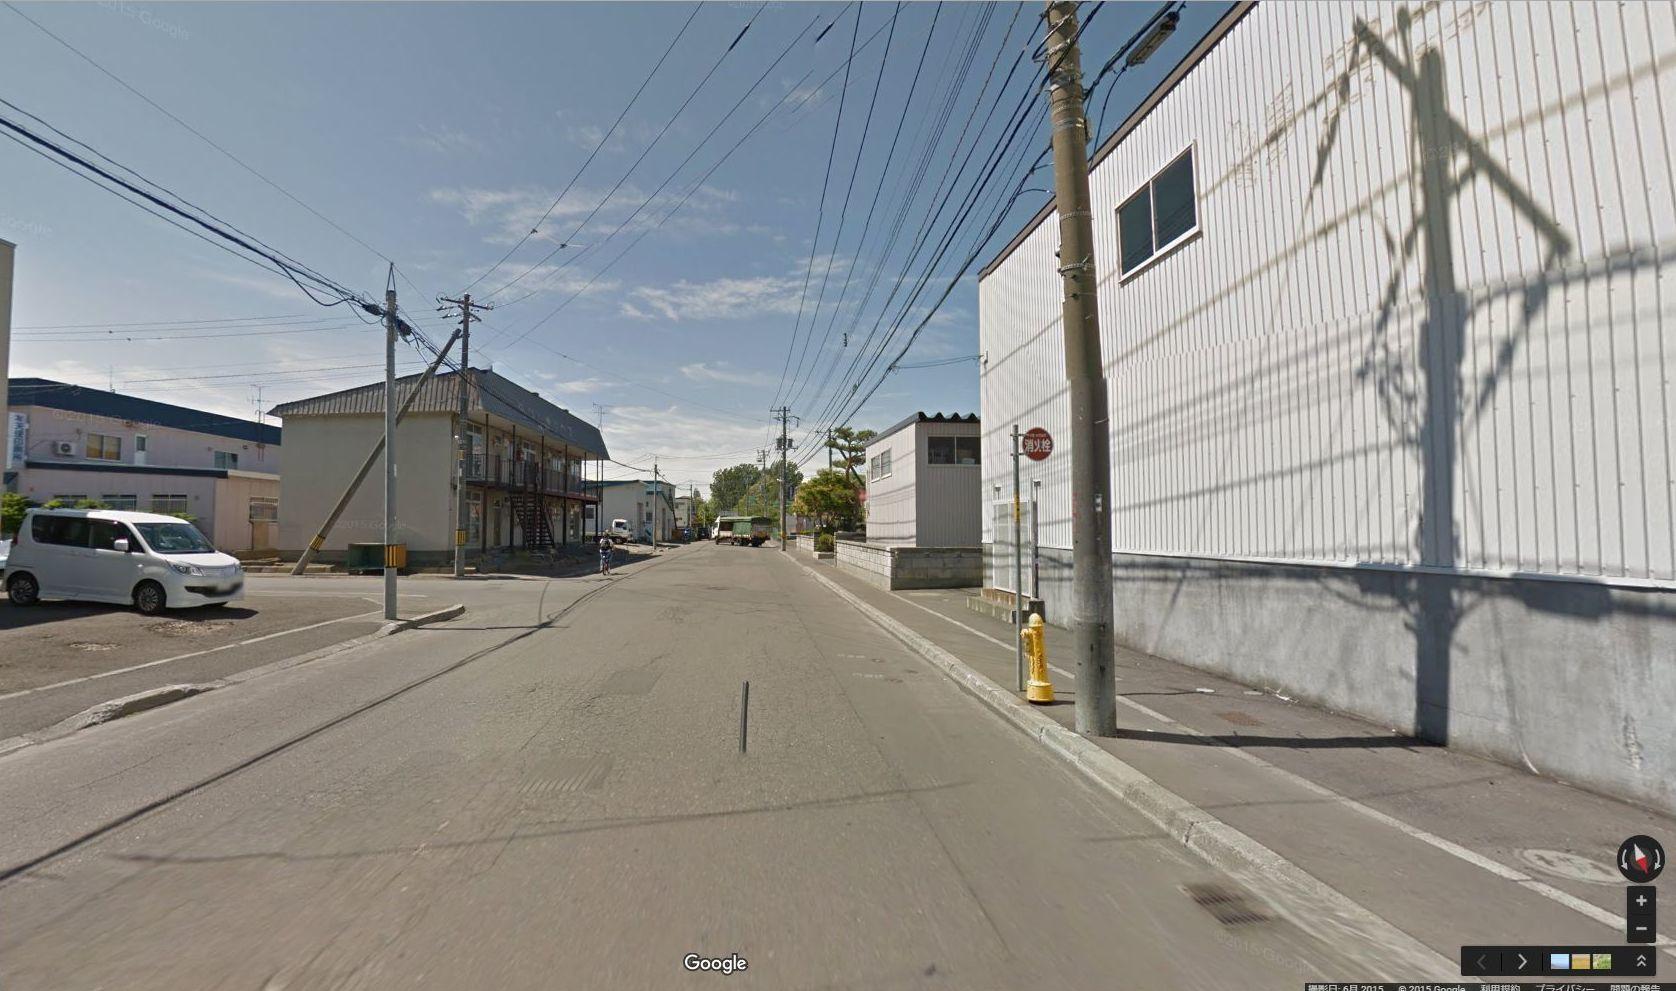 半年前に出会ったグーグル・ストリートビュー撮影車に撮られていた_c0025115_17450027.jpg